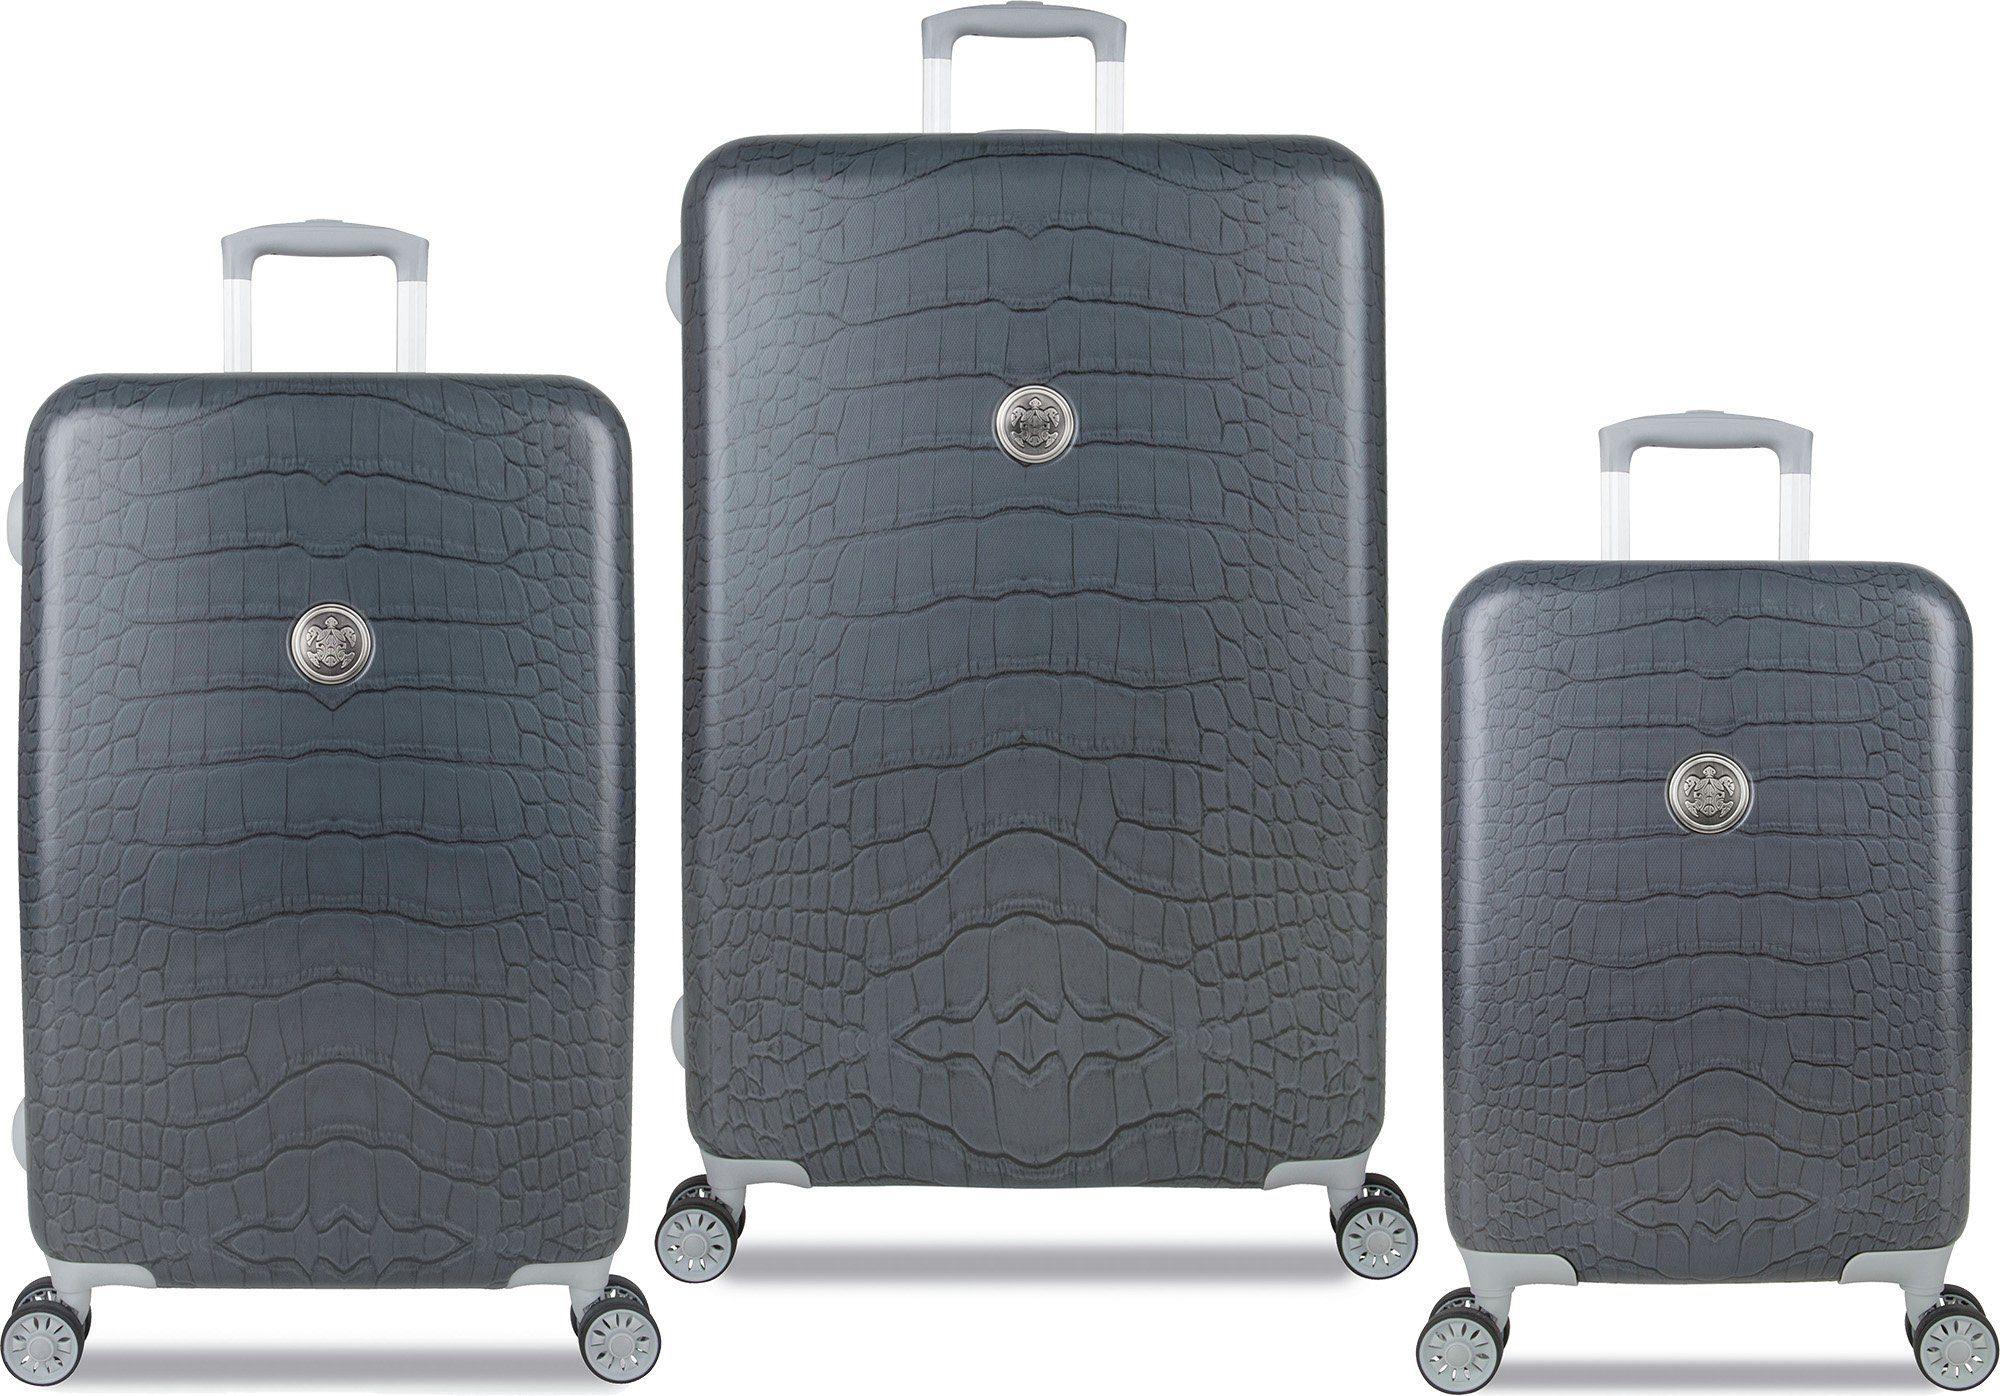 SUITSUIT® Hartschalentrolley Set mit 4 Rollen, 3-tlg., »Grey Diamond Crocodile«